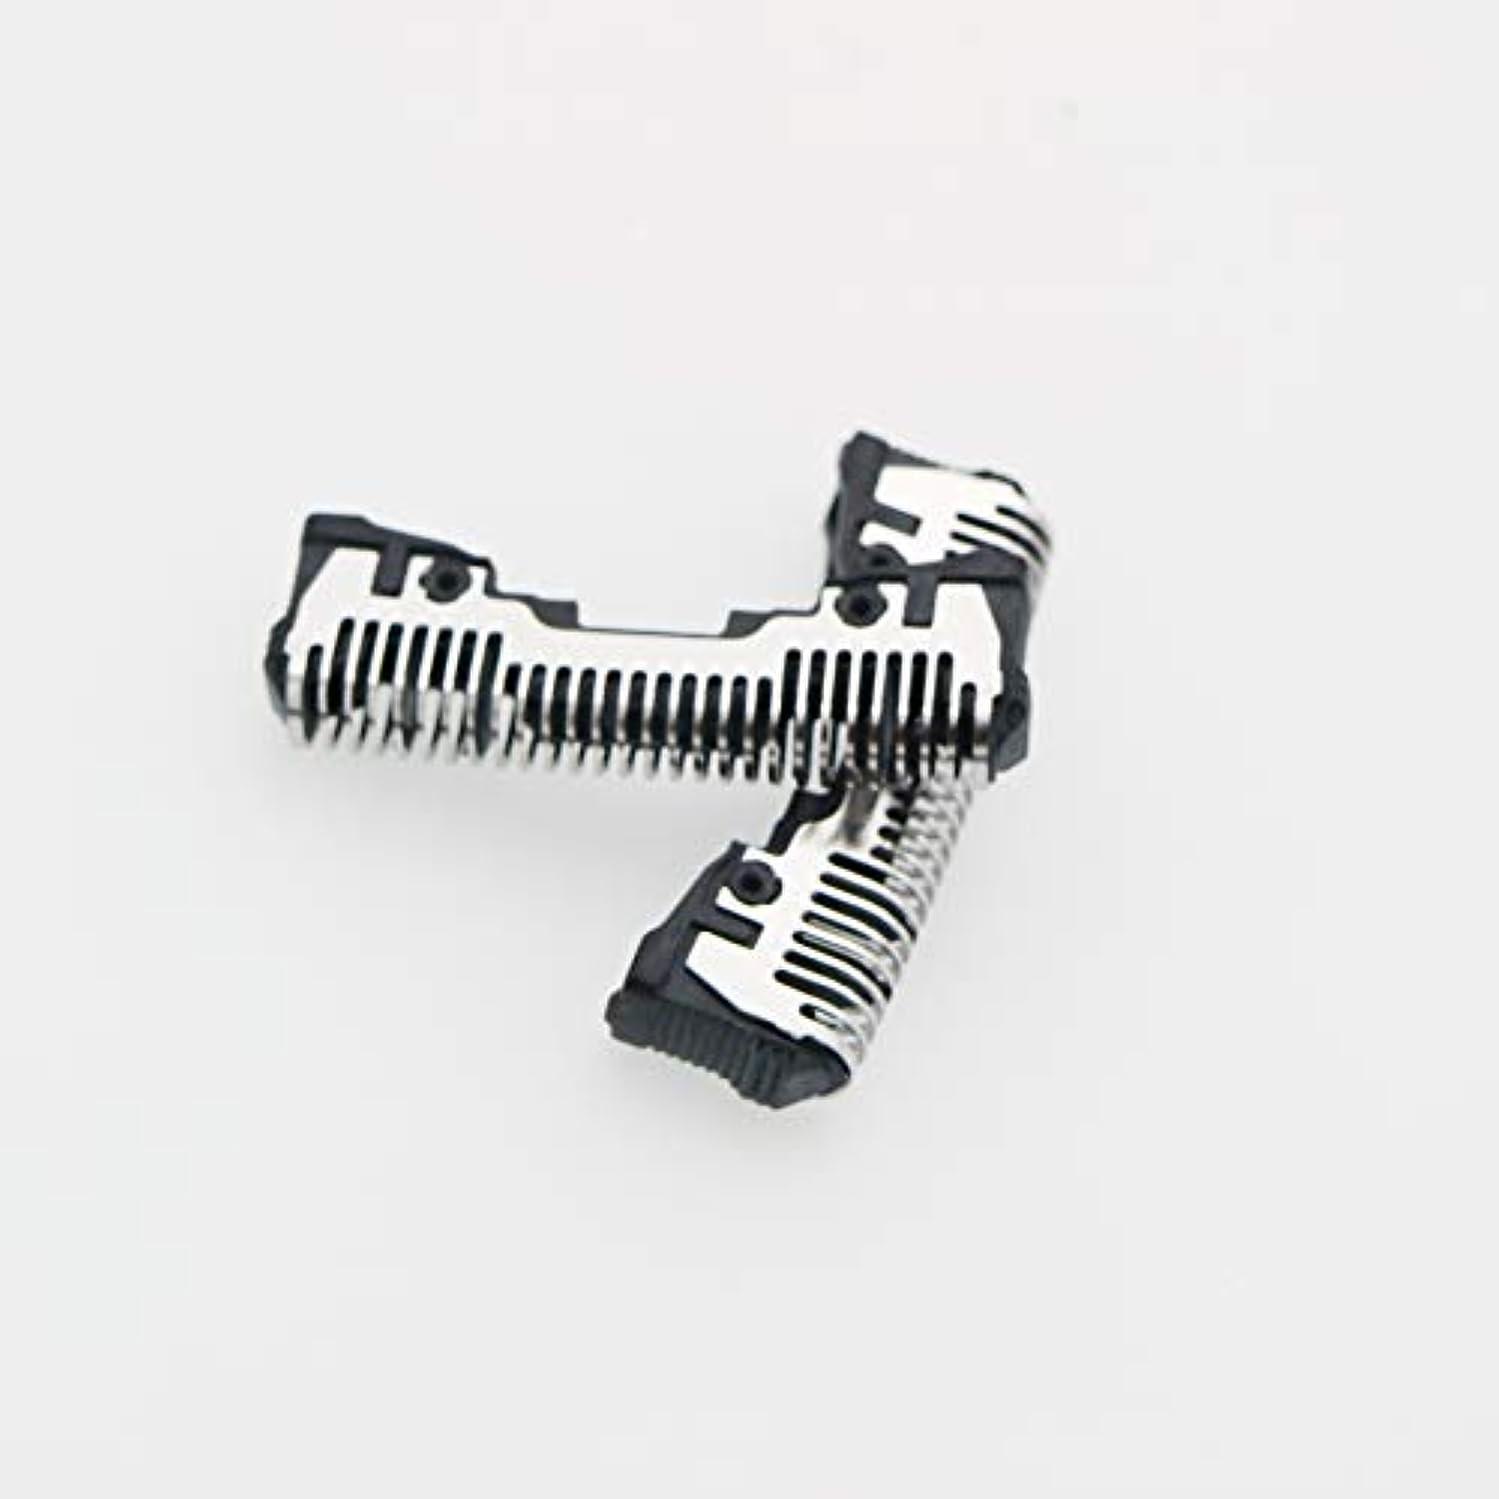 感情セラー主観的VWONST Shaver Replacement WES9068 Cutter/Blades for ES-BSL4 ES-ST21 ES-ST23 ES-ST25 ES-ST27 ES-ST29 ES8101 ES8109 ES8111 ES8113 ES8115 ES8116 ES8119 Razor